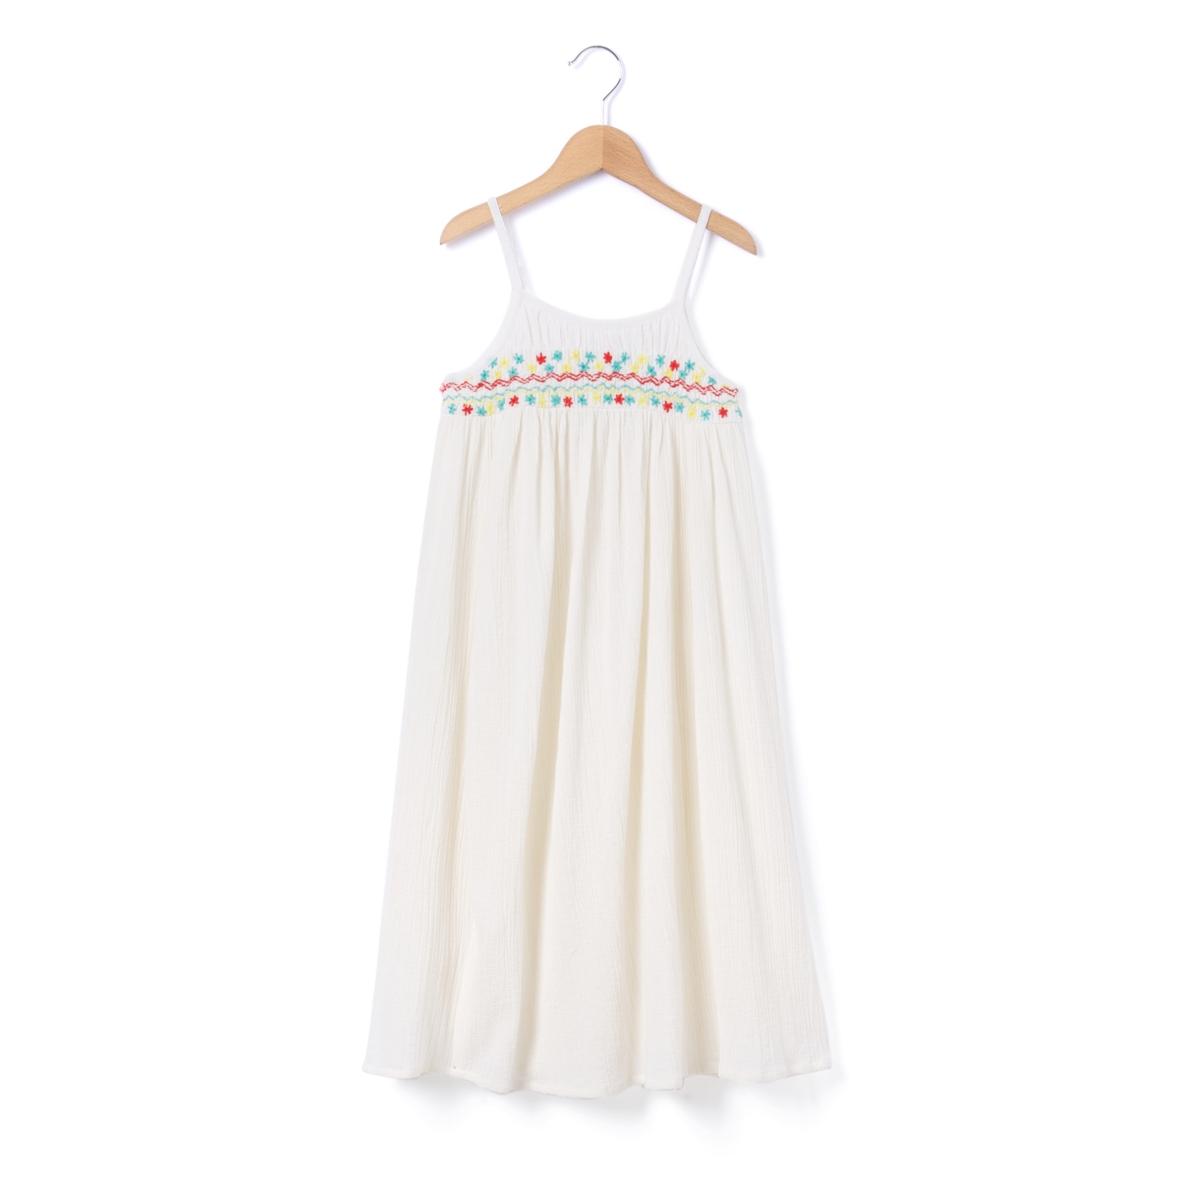 Платье с вышивкой без рукавов, 2-12 лет